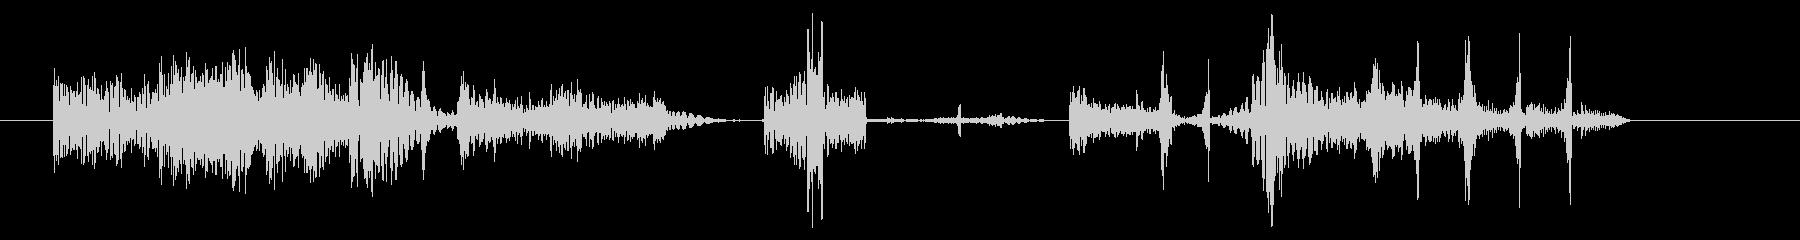 無機質っぽい印象のサウンドロゴ素材の未再生の波形